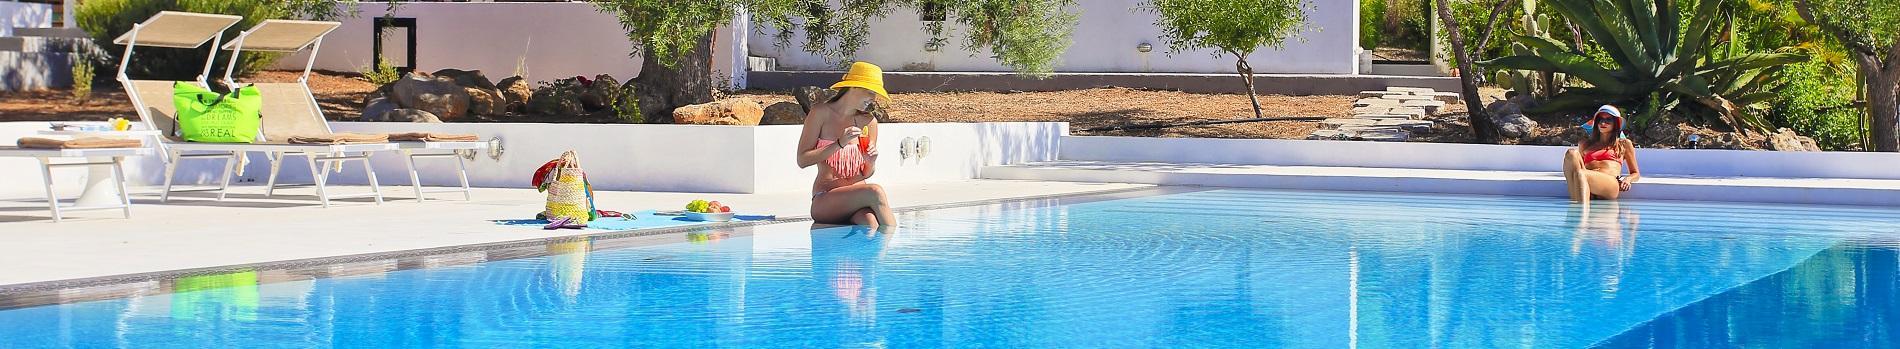 Ville in sicilia con interessi speciali for Subito case vacanze sicilia